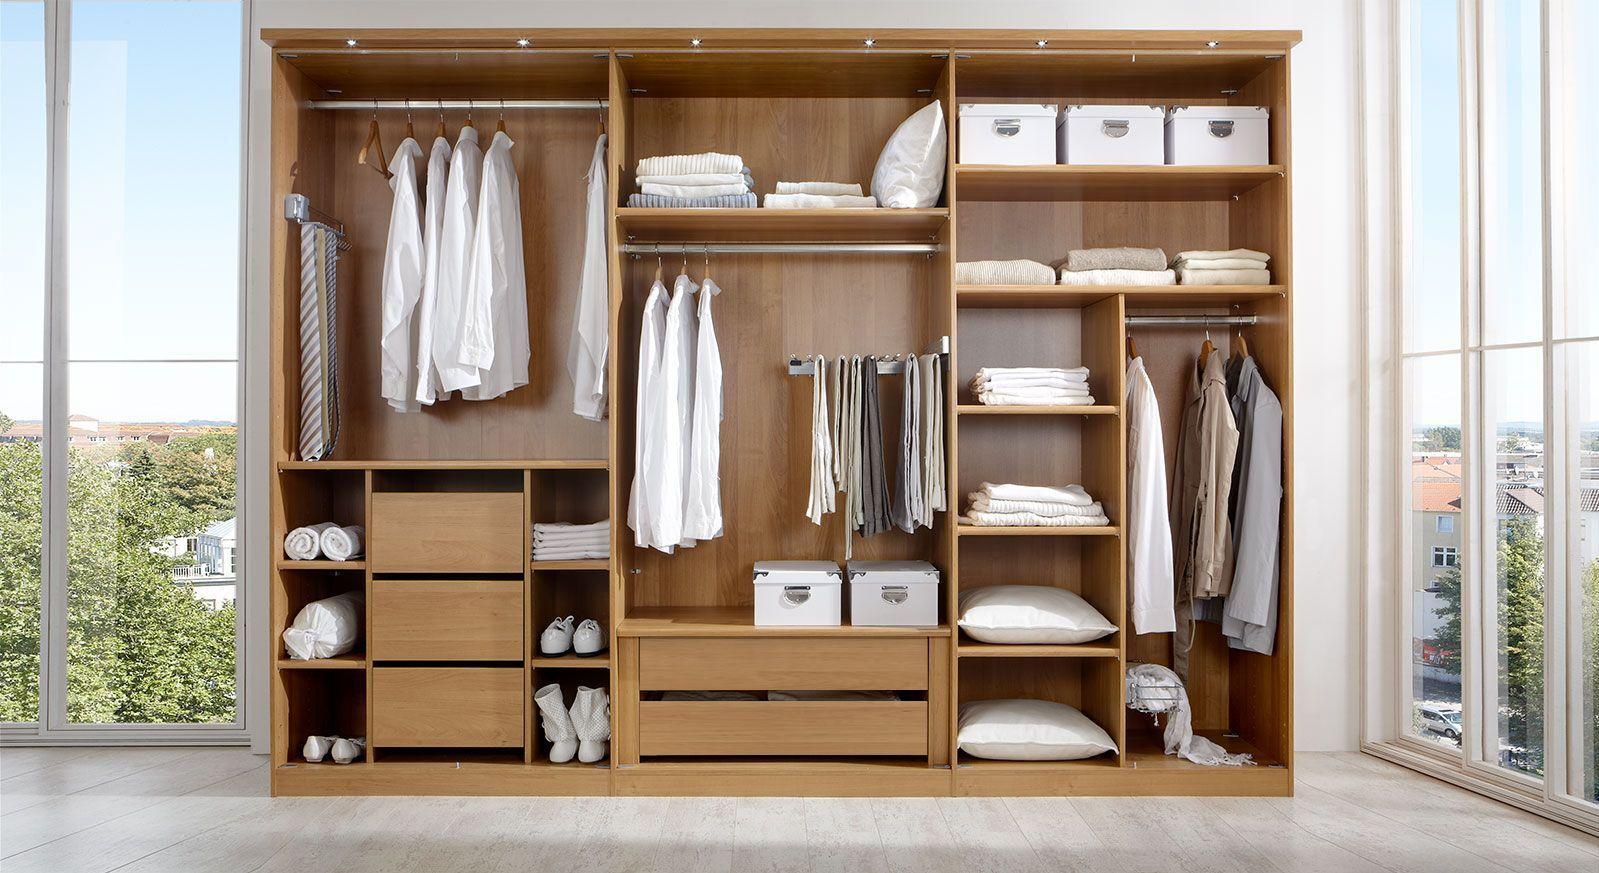 Praktische Innenausstattung für Kleiderschränke